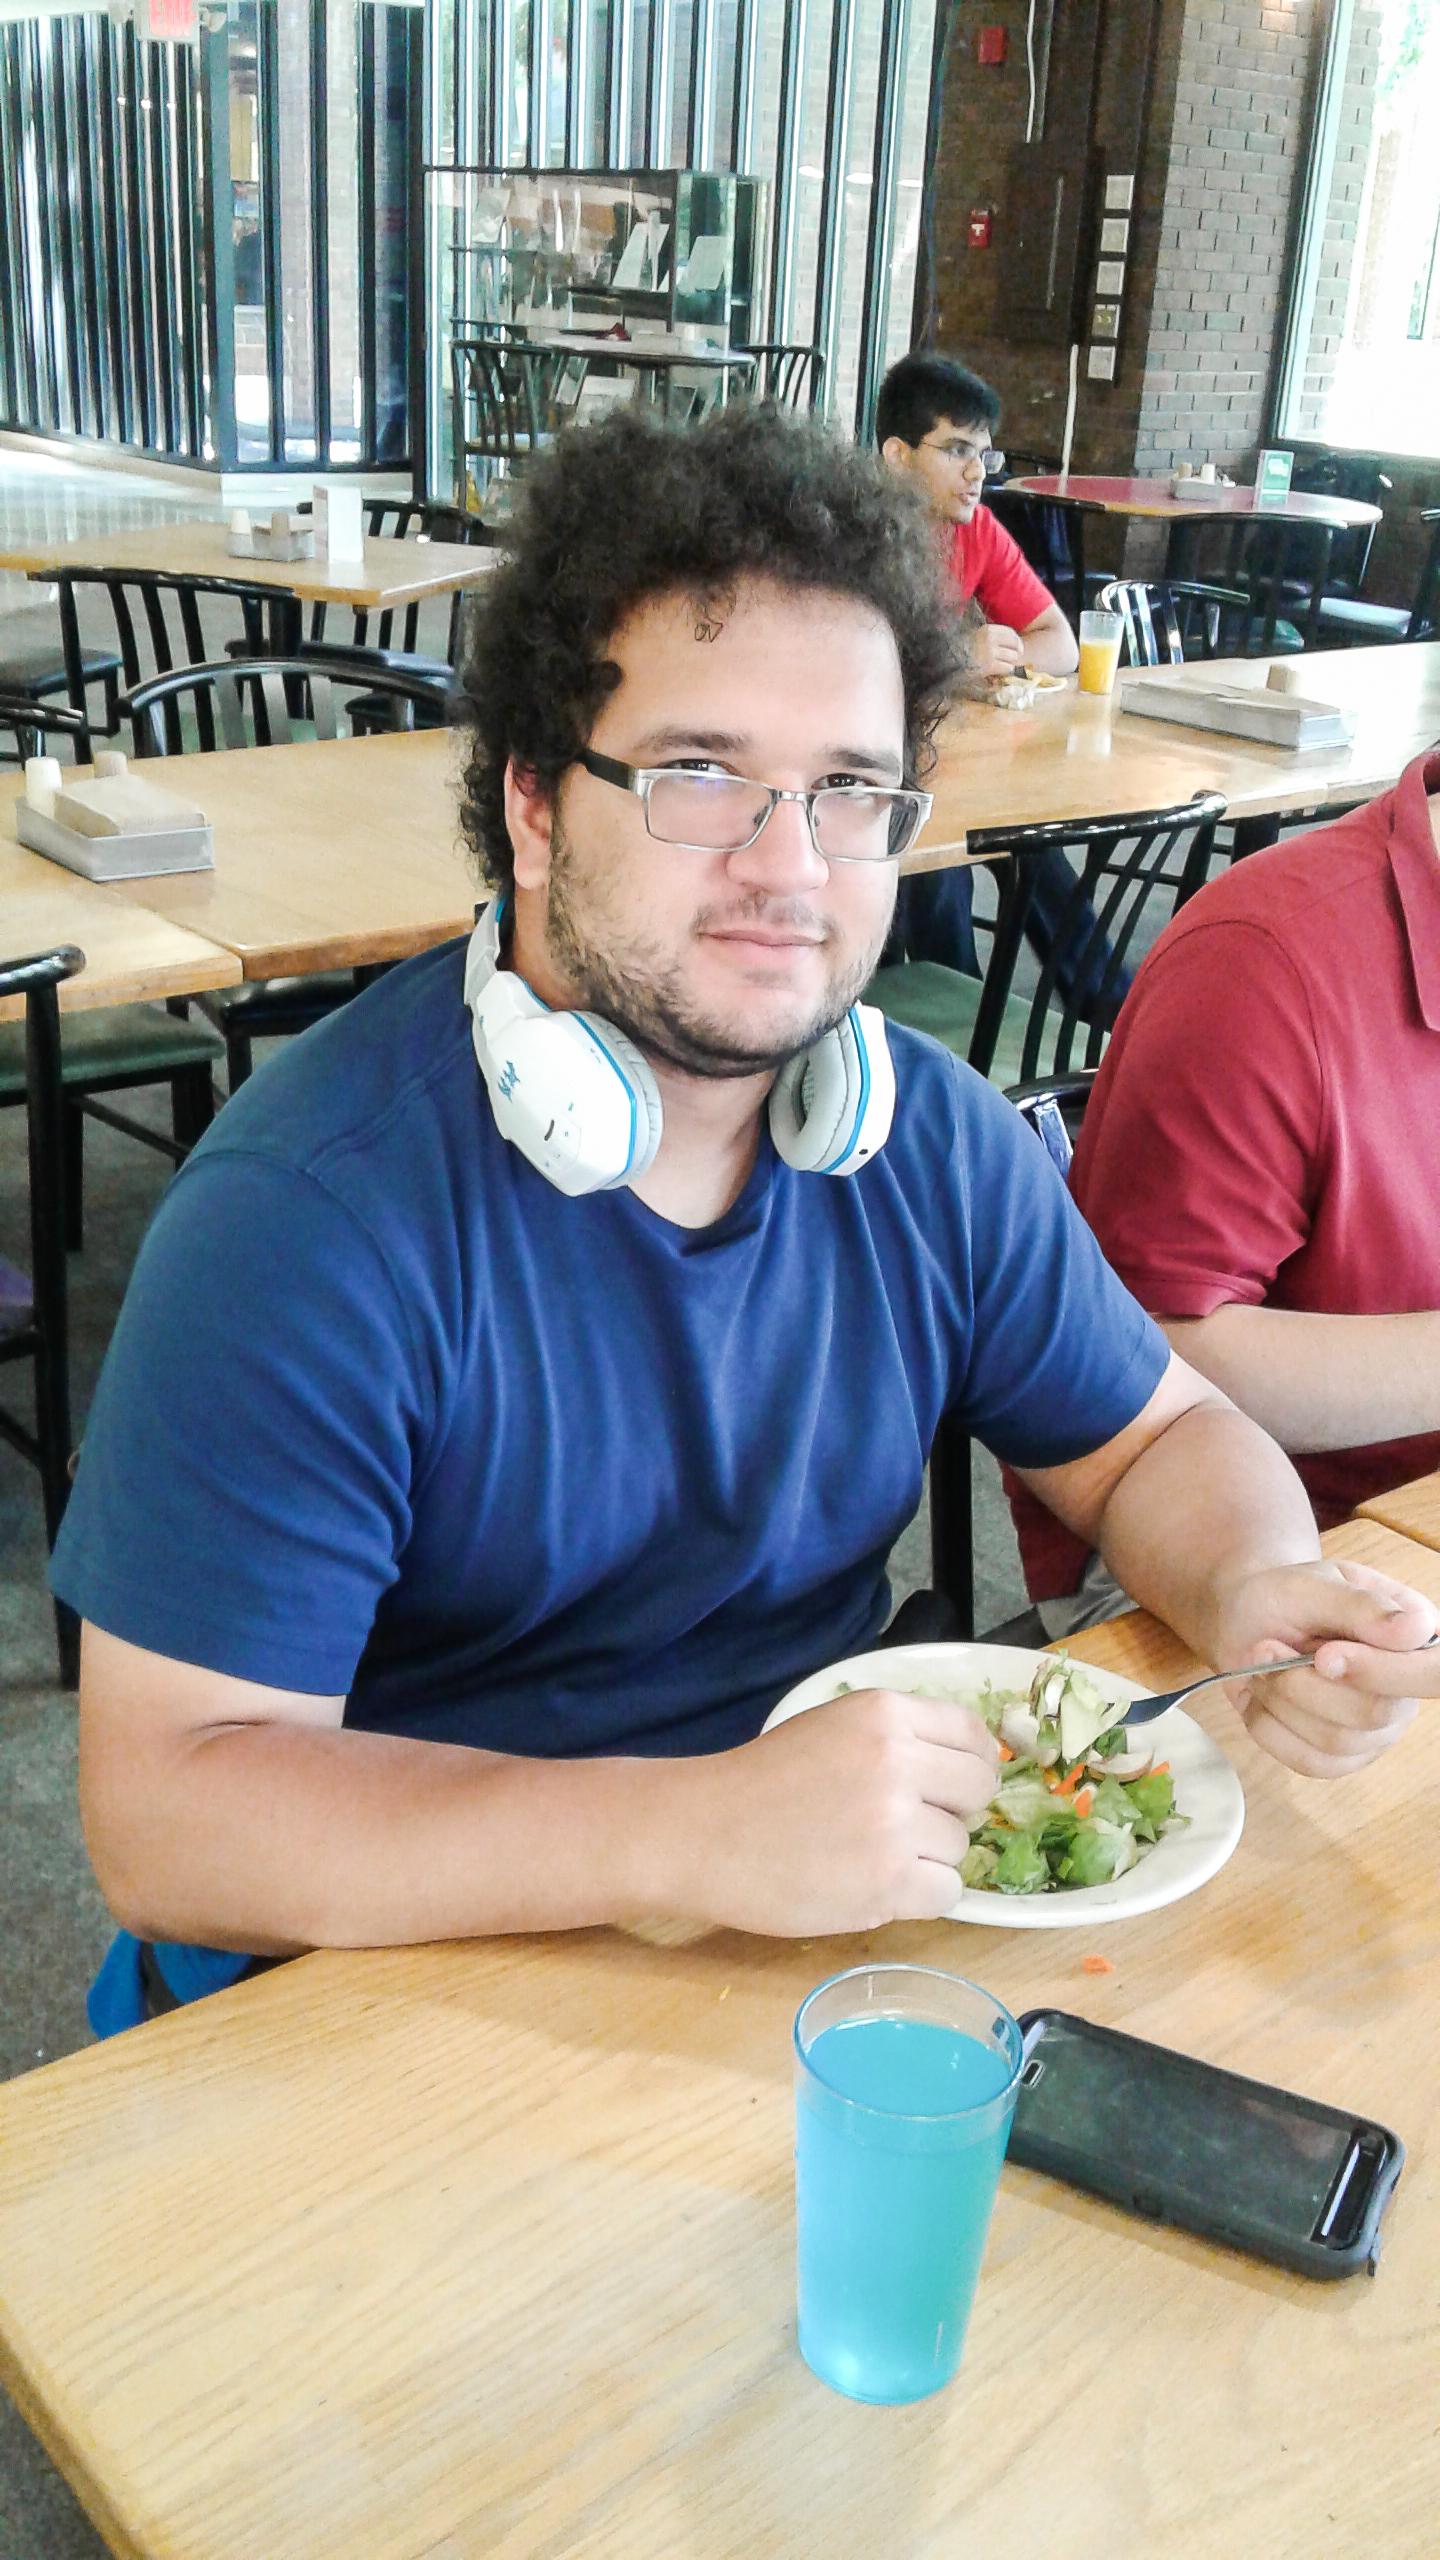 Chad Brown eats dhall salad